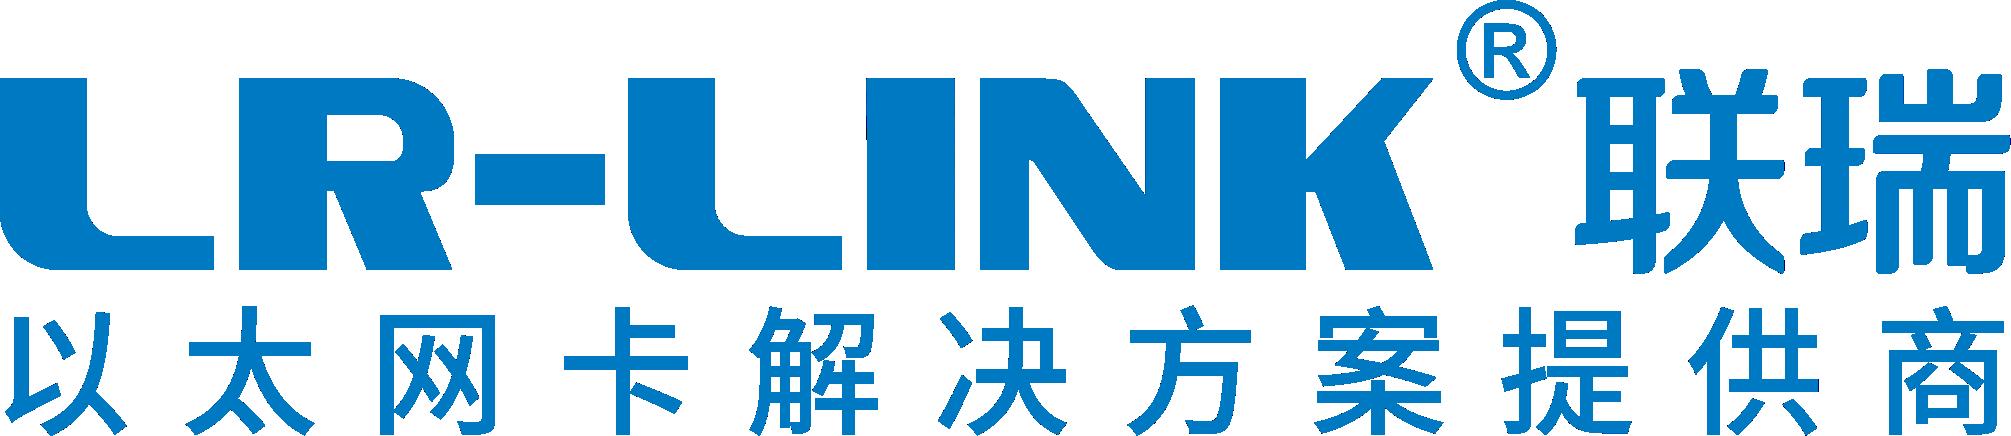 深圳市联瑞电子有限公司